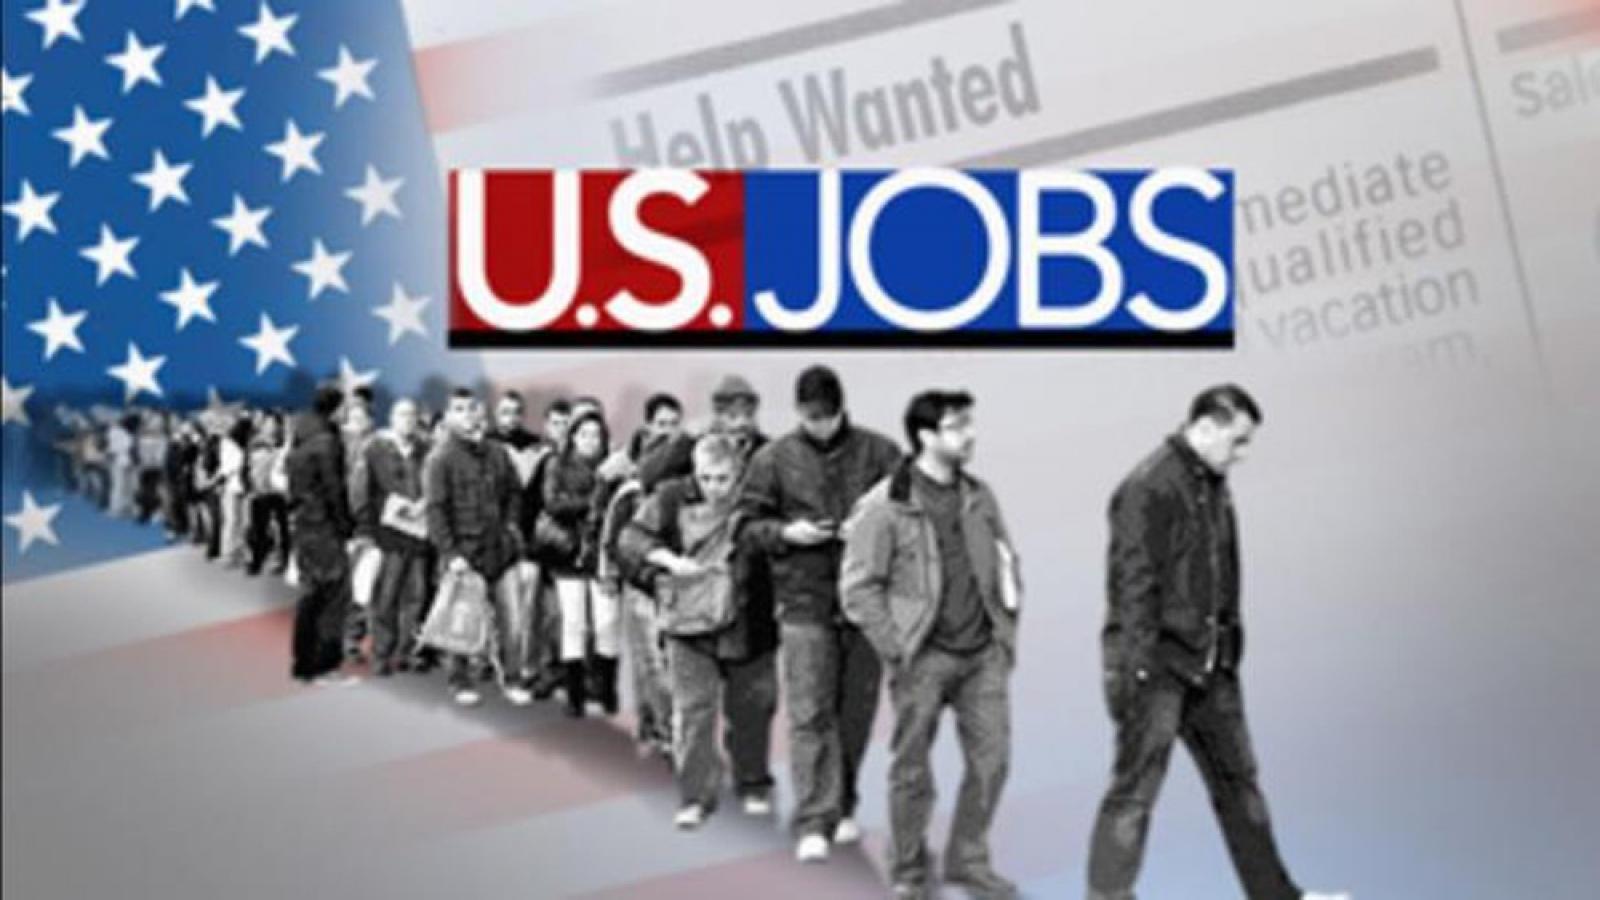 """Mỹ đối mặt với """"cú sốc"""" lịch sử, 16% dân số có nguy cơ thất nghiệp"""